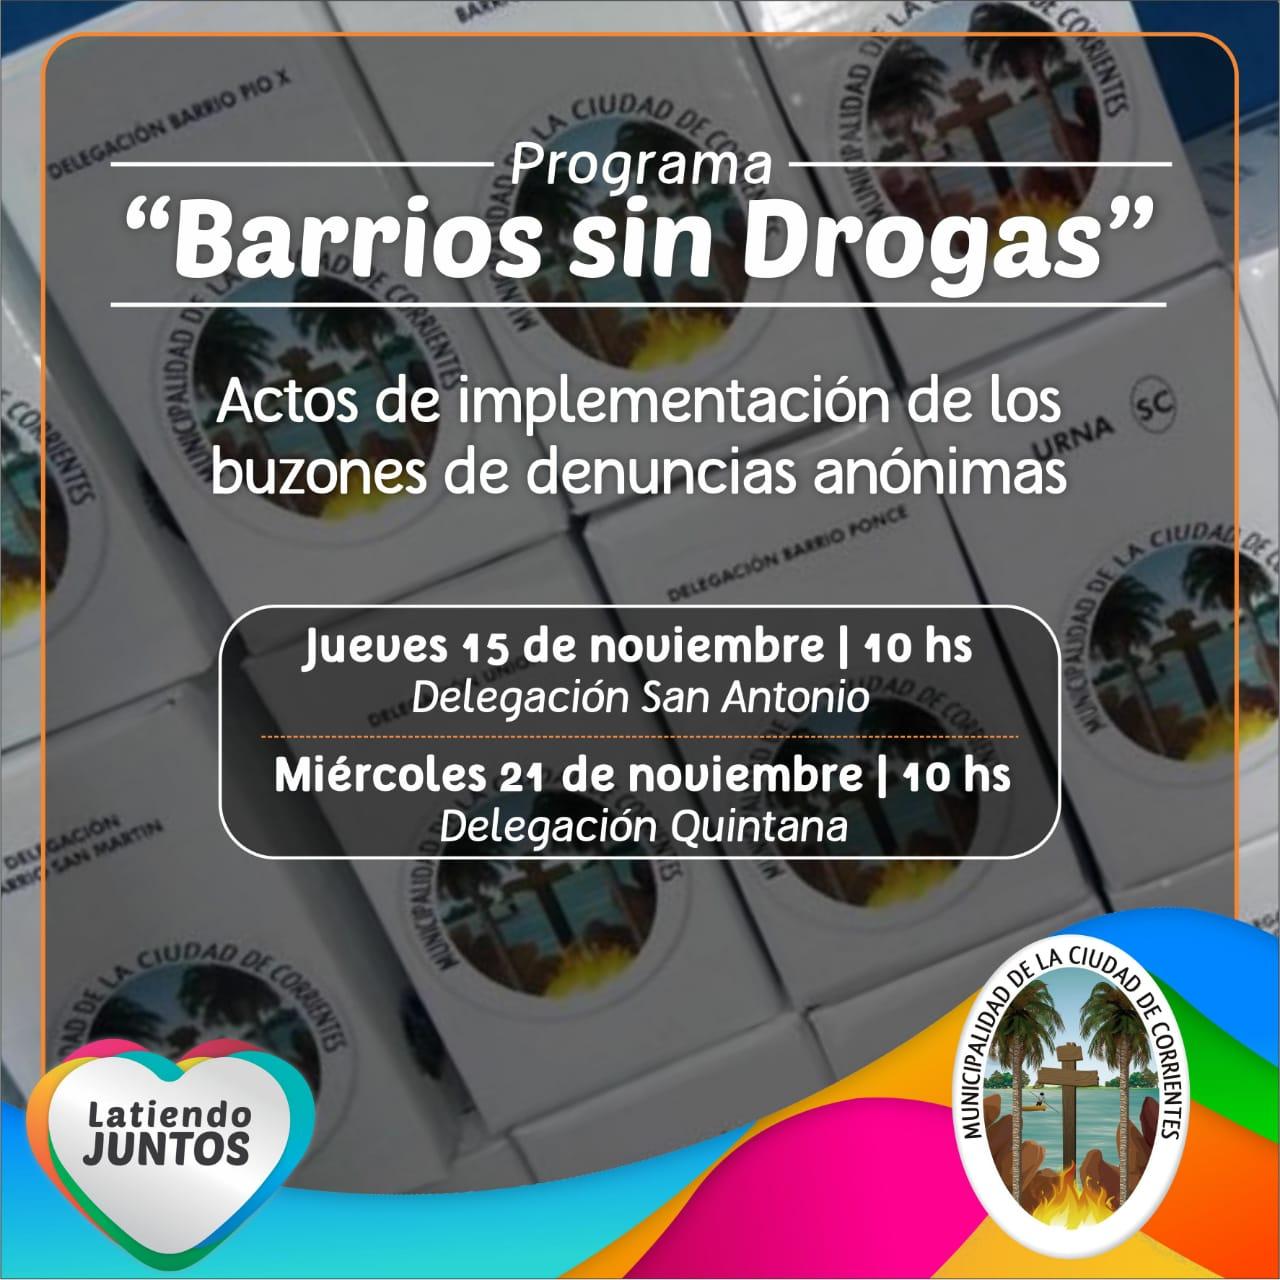 Barrios sin drogas, la Delegación del San Antonio Este sumó un buzón de denuncias anónimas